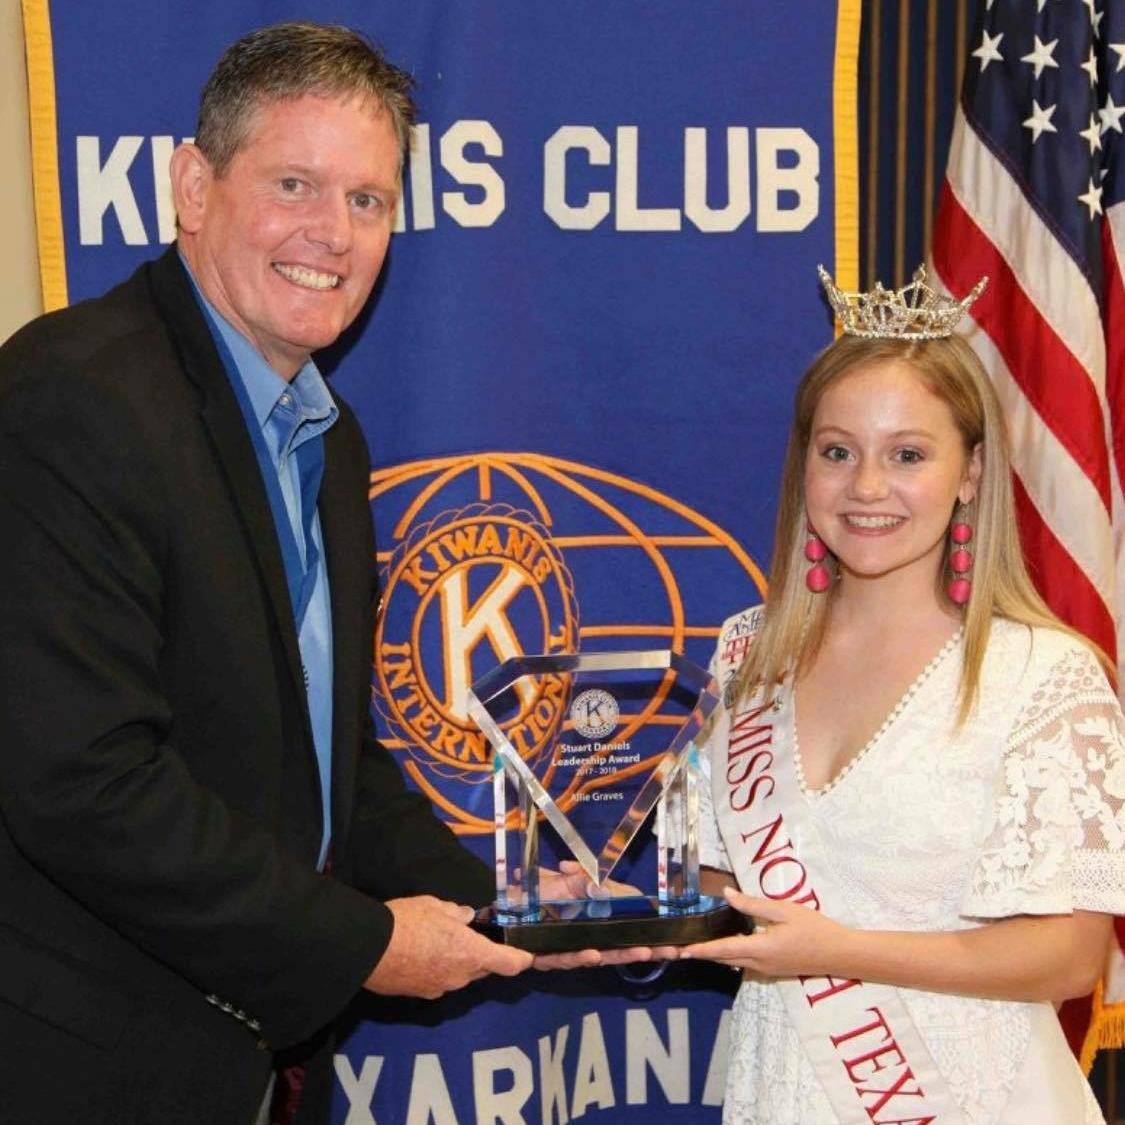 Kiwanis President-Elect Mark Bledsoe and Allie Graves